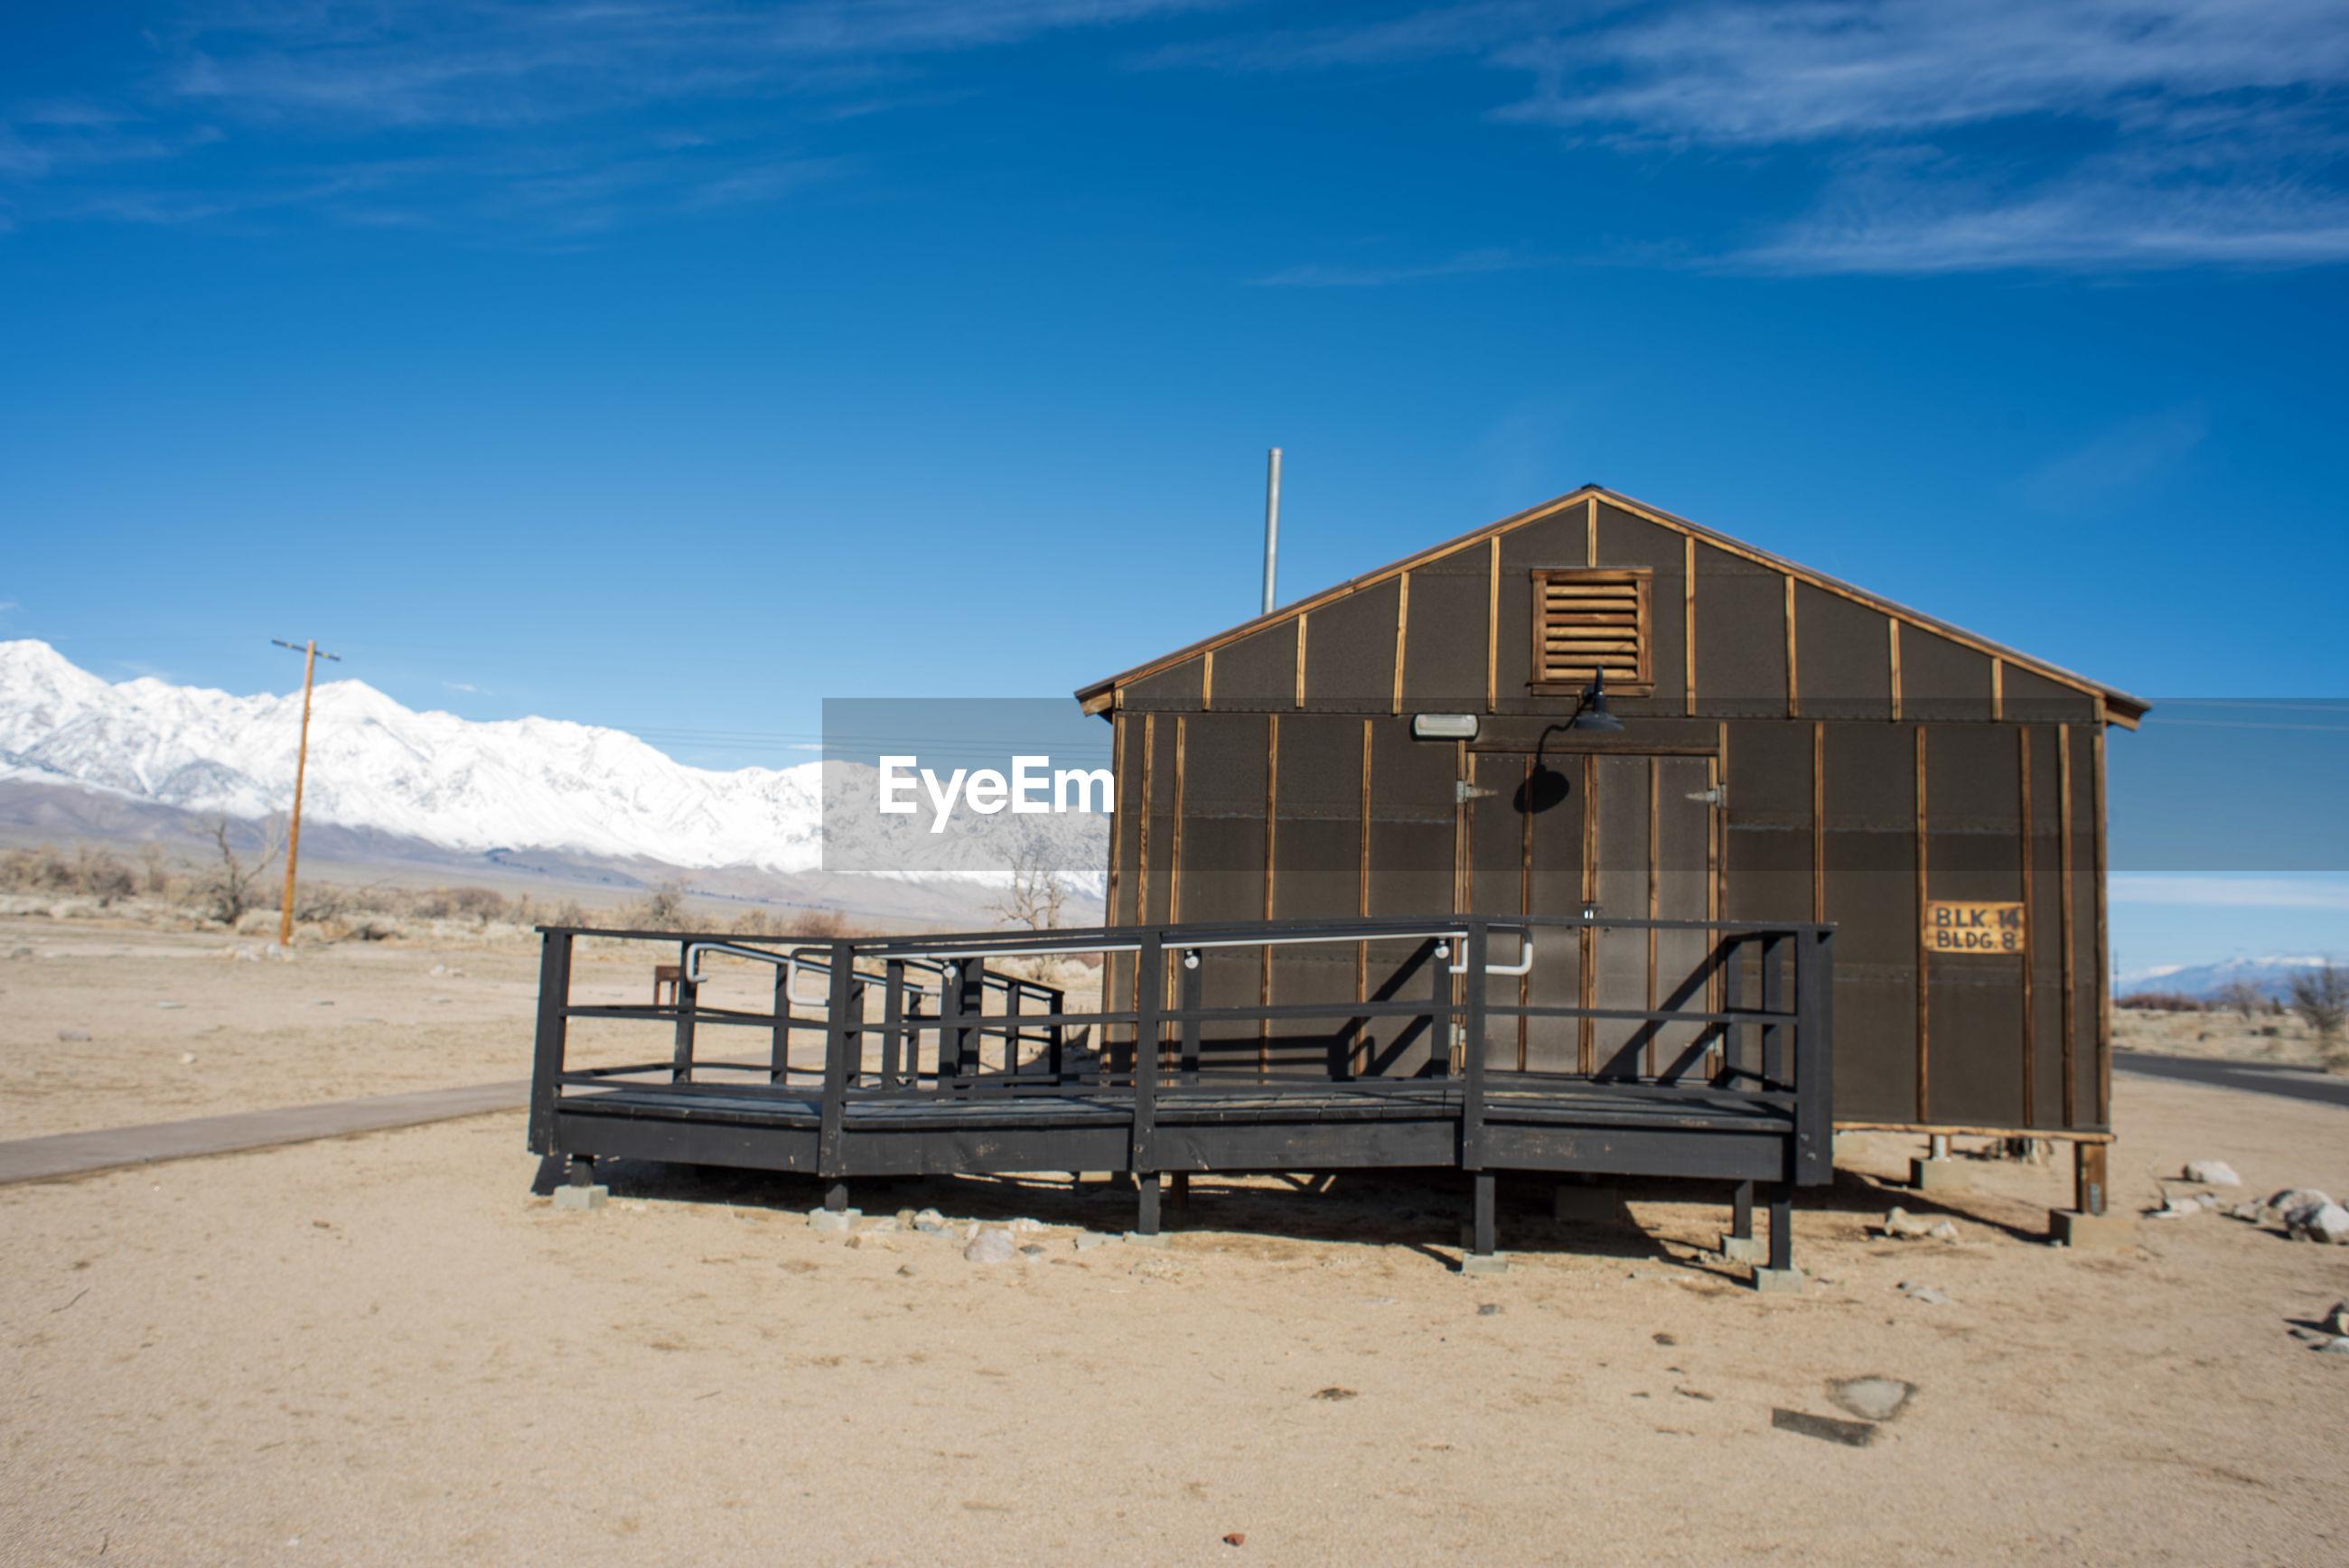 Concentration camp barracks on desert land against blue sky